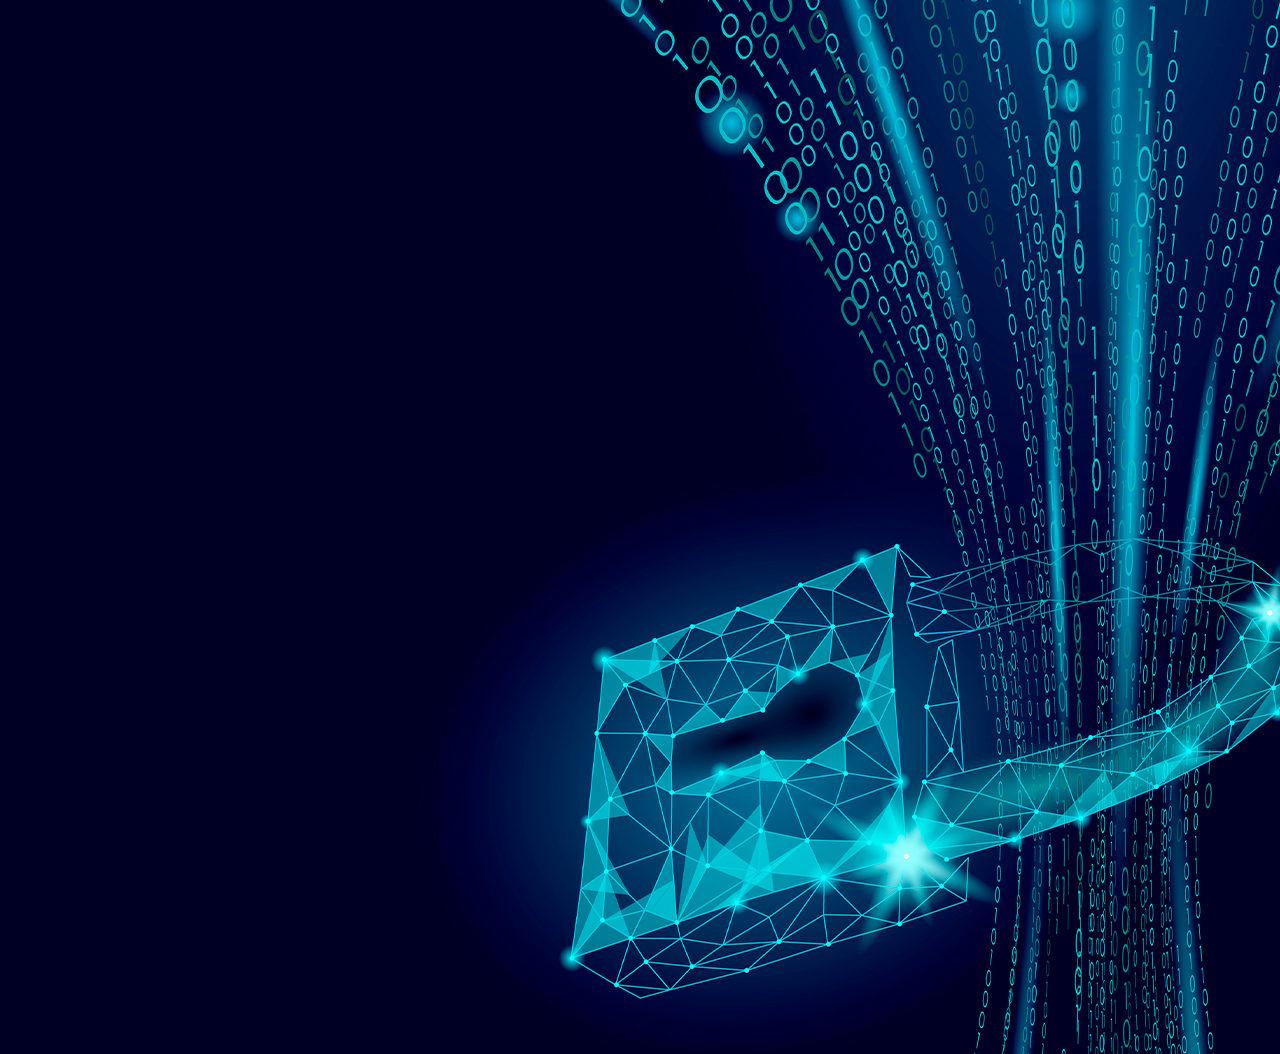 Los mejores consejos de ciberseguridad para pymes